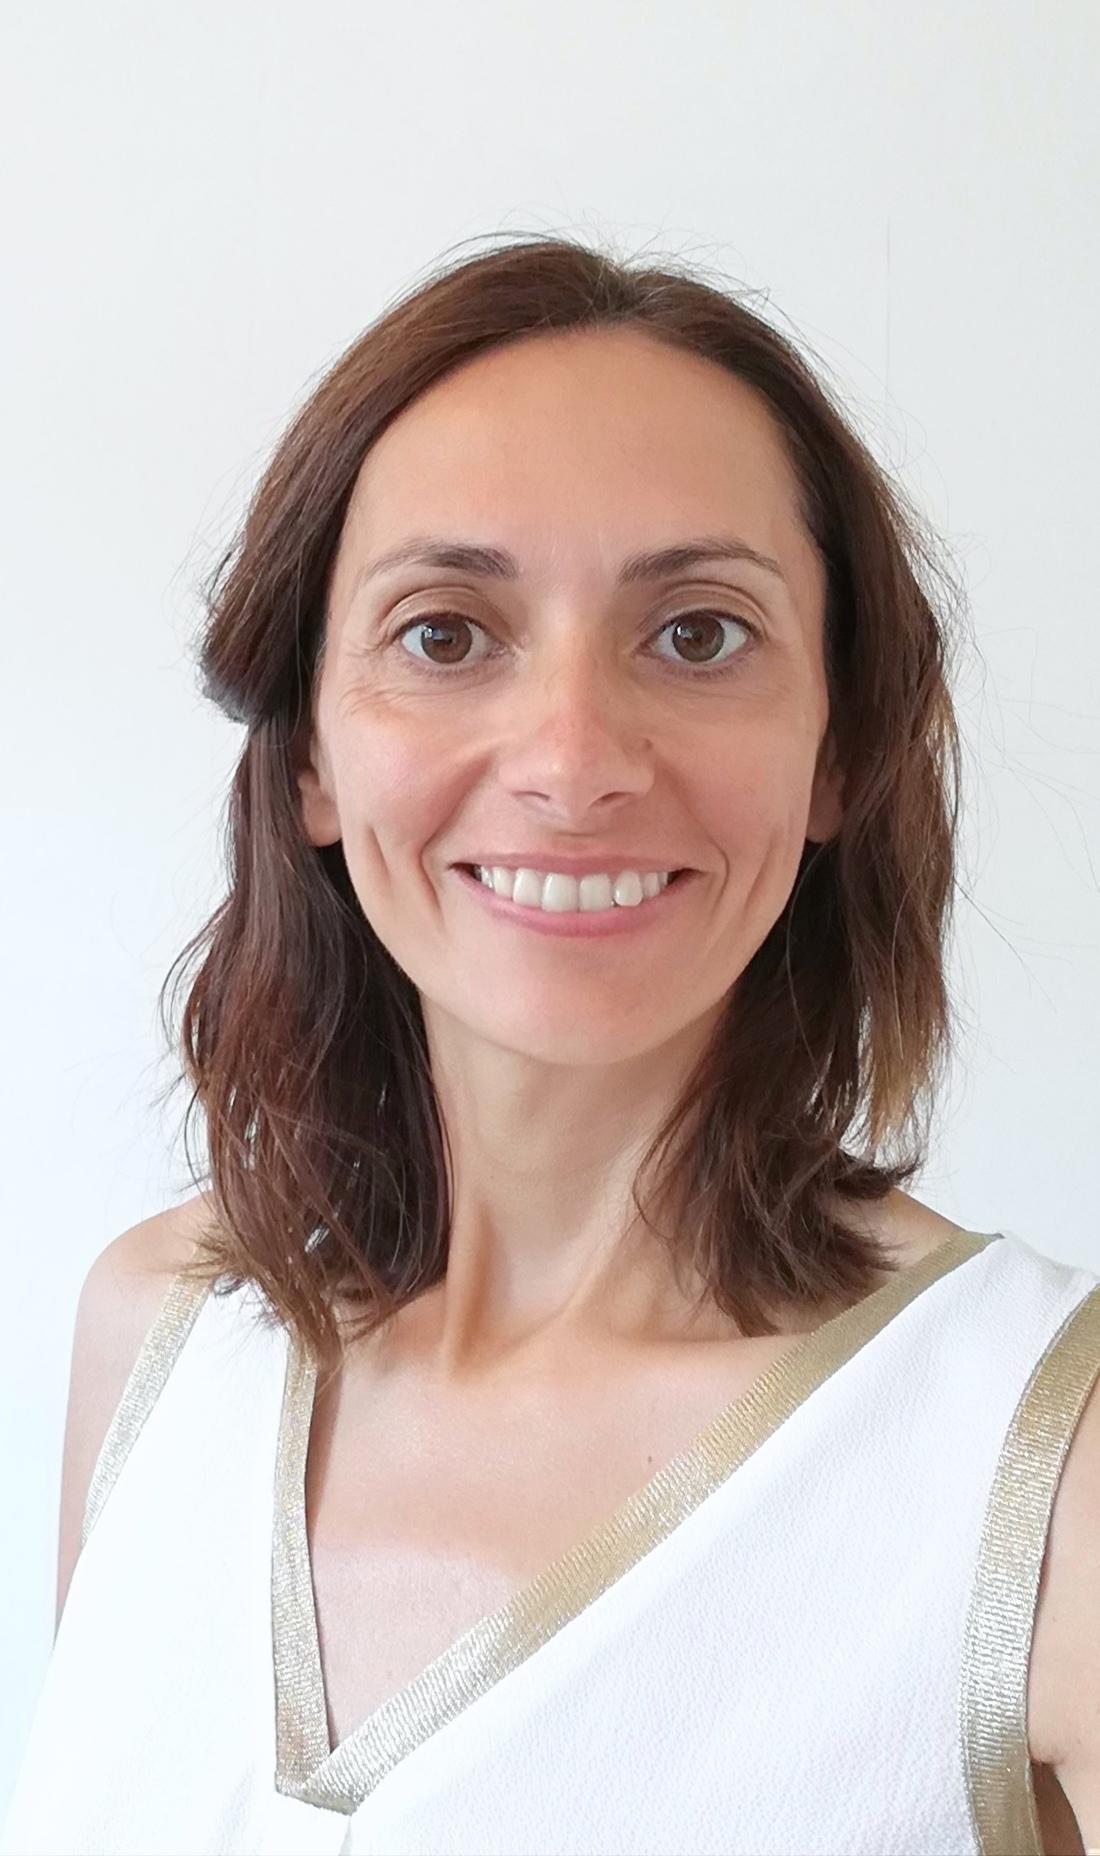 Alexandra Tsaousis